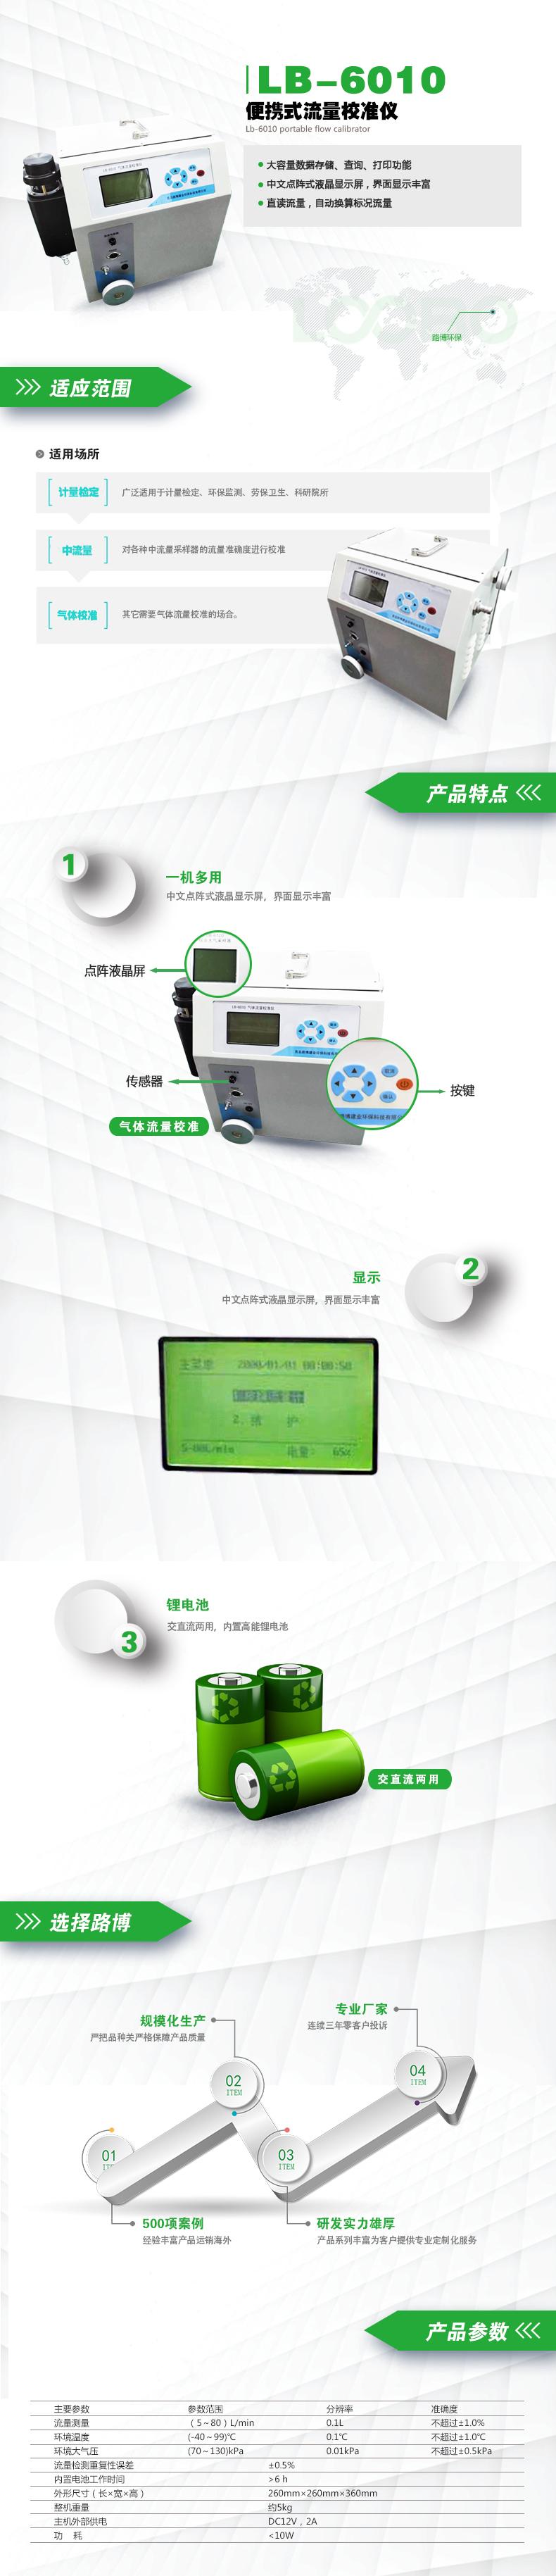 LB-6010便携式流量校准仪.jpg